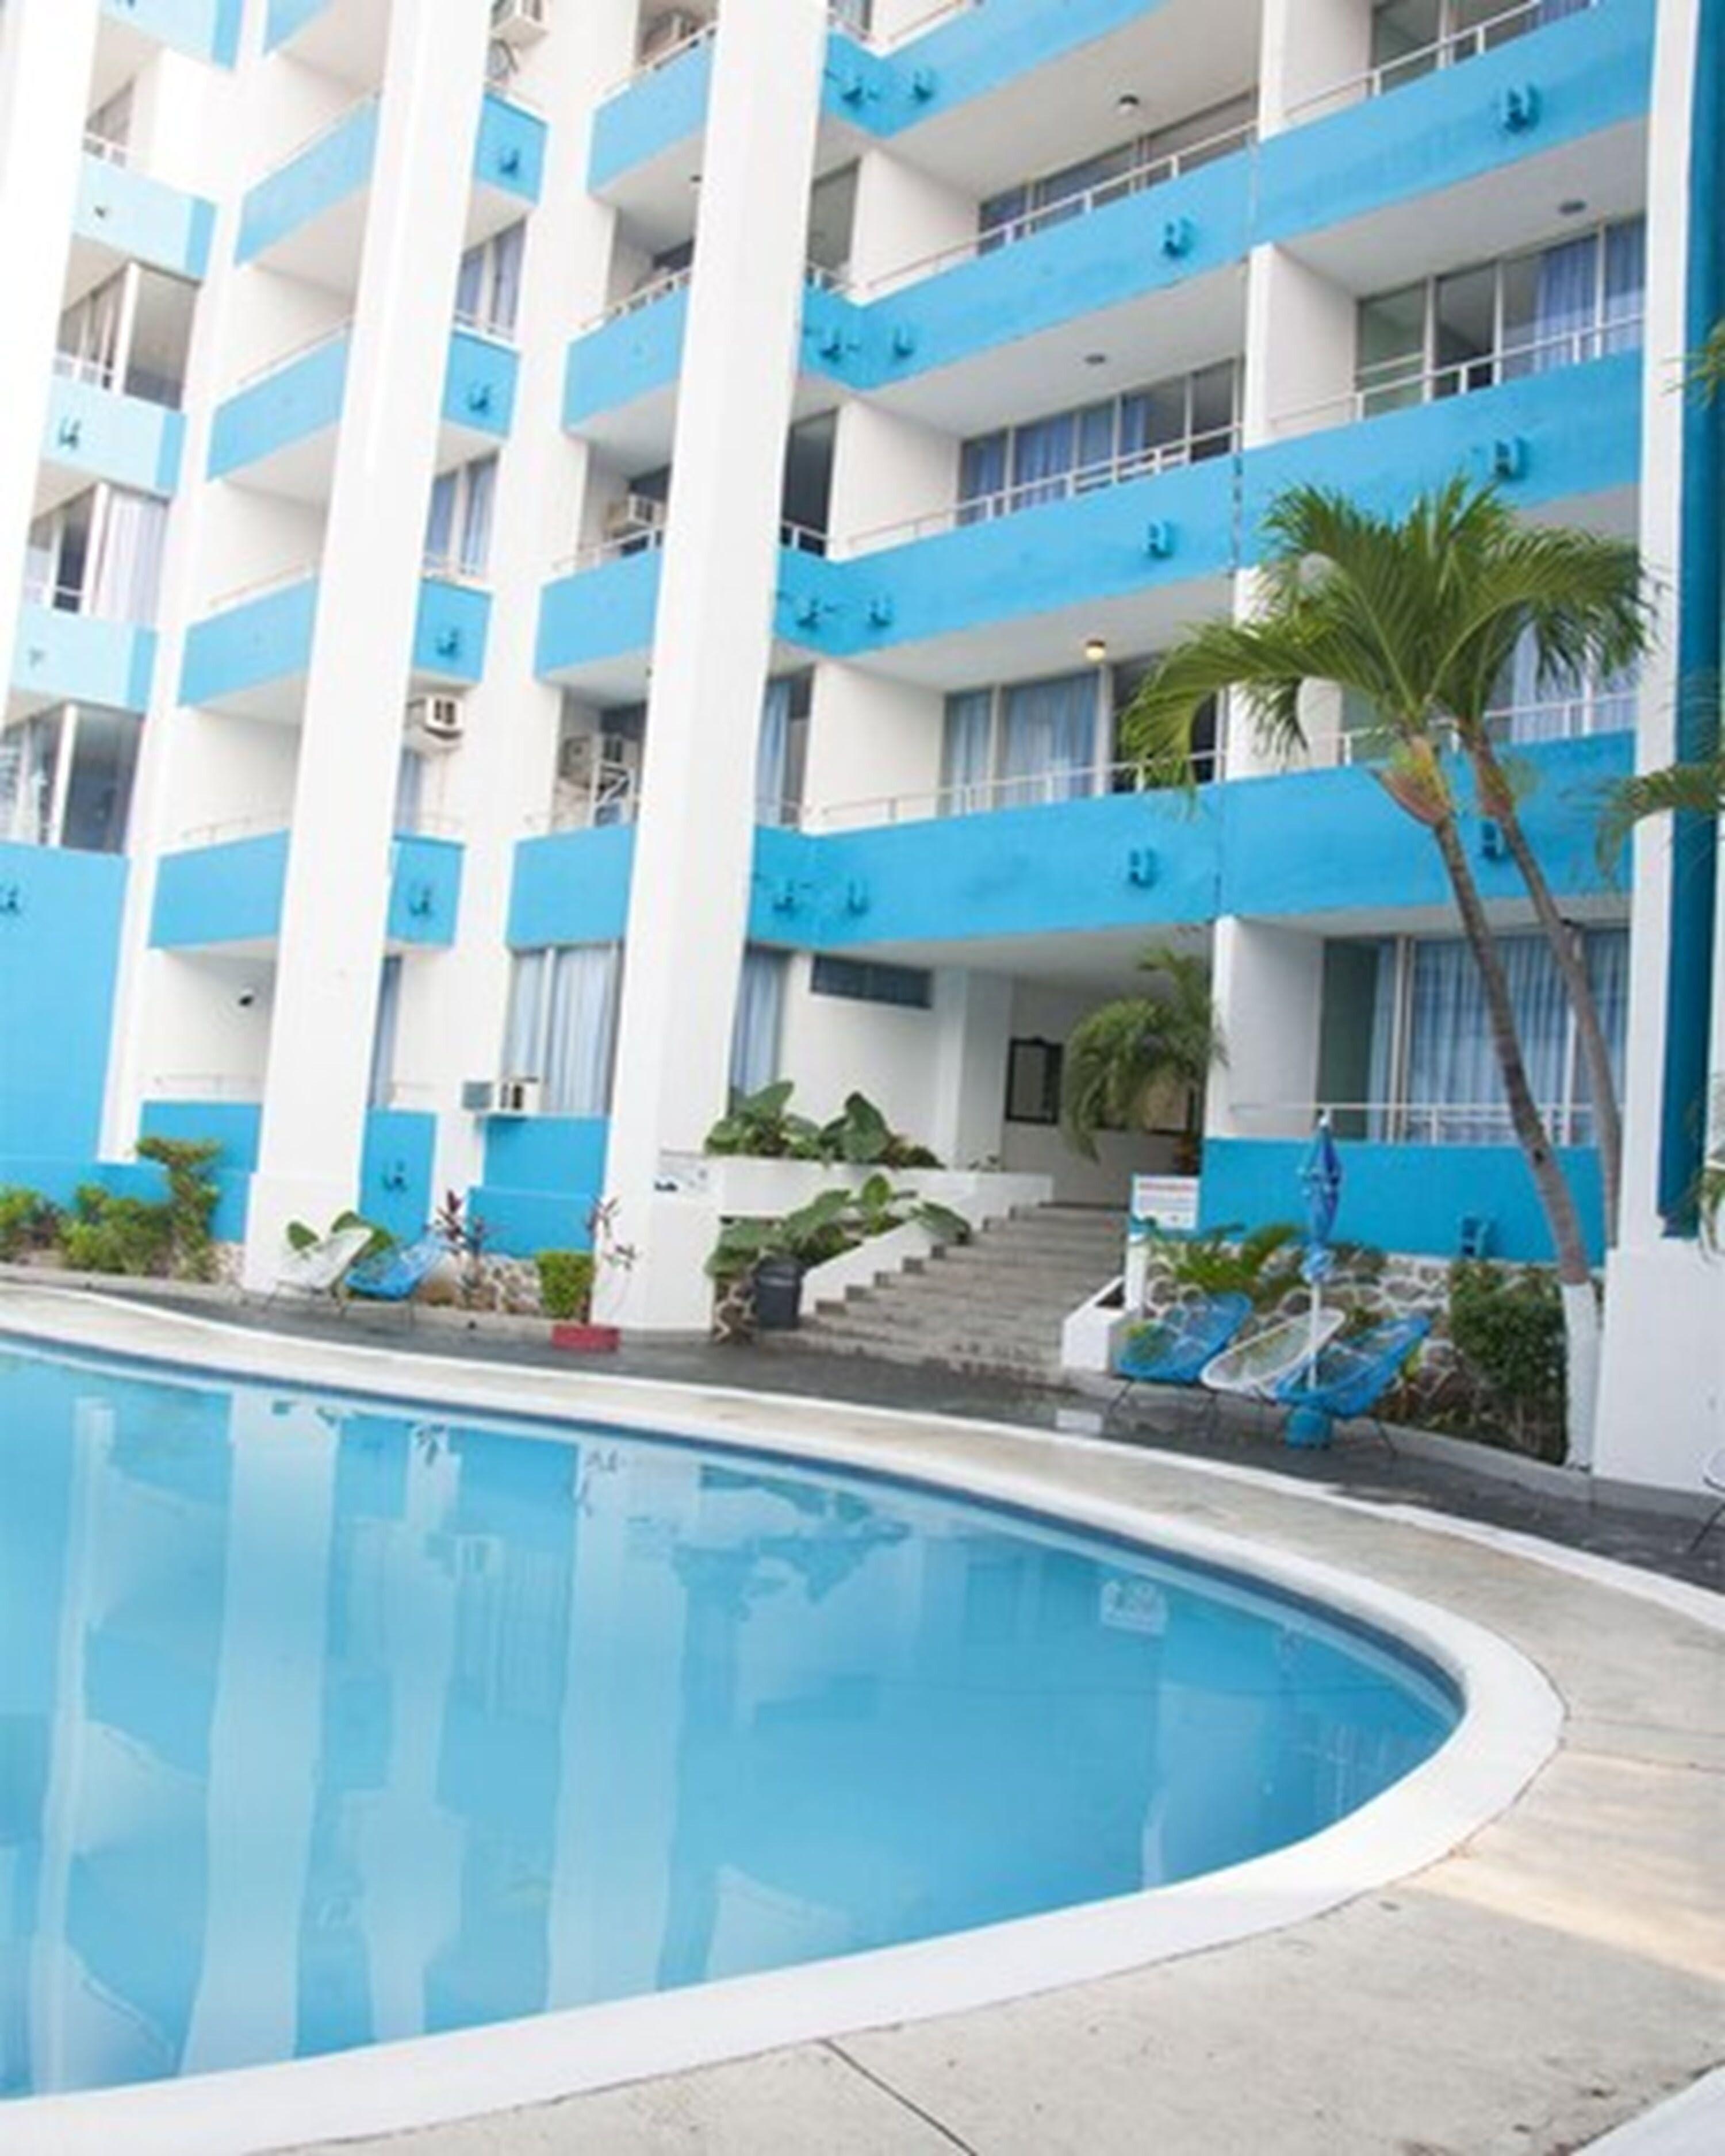 Hotel Dorados Acapulco